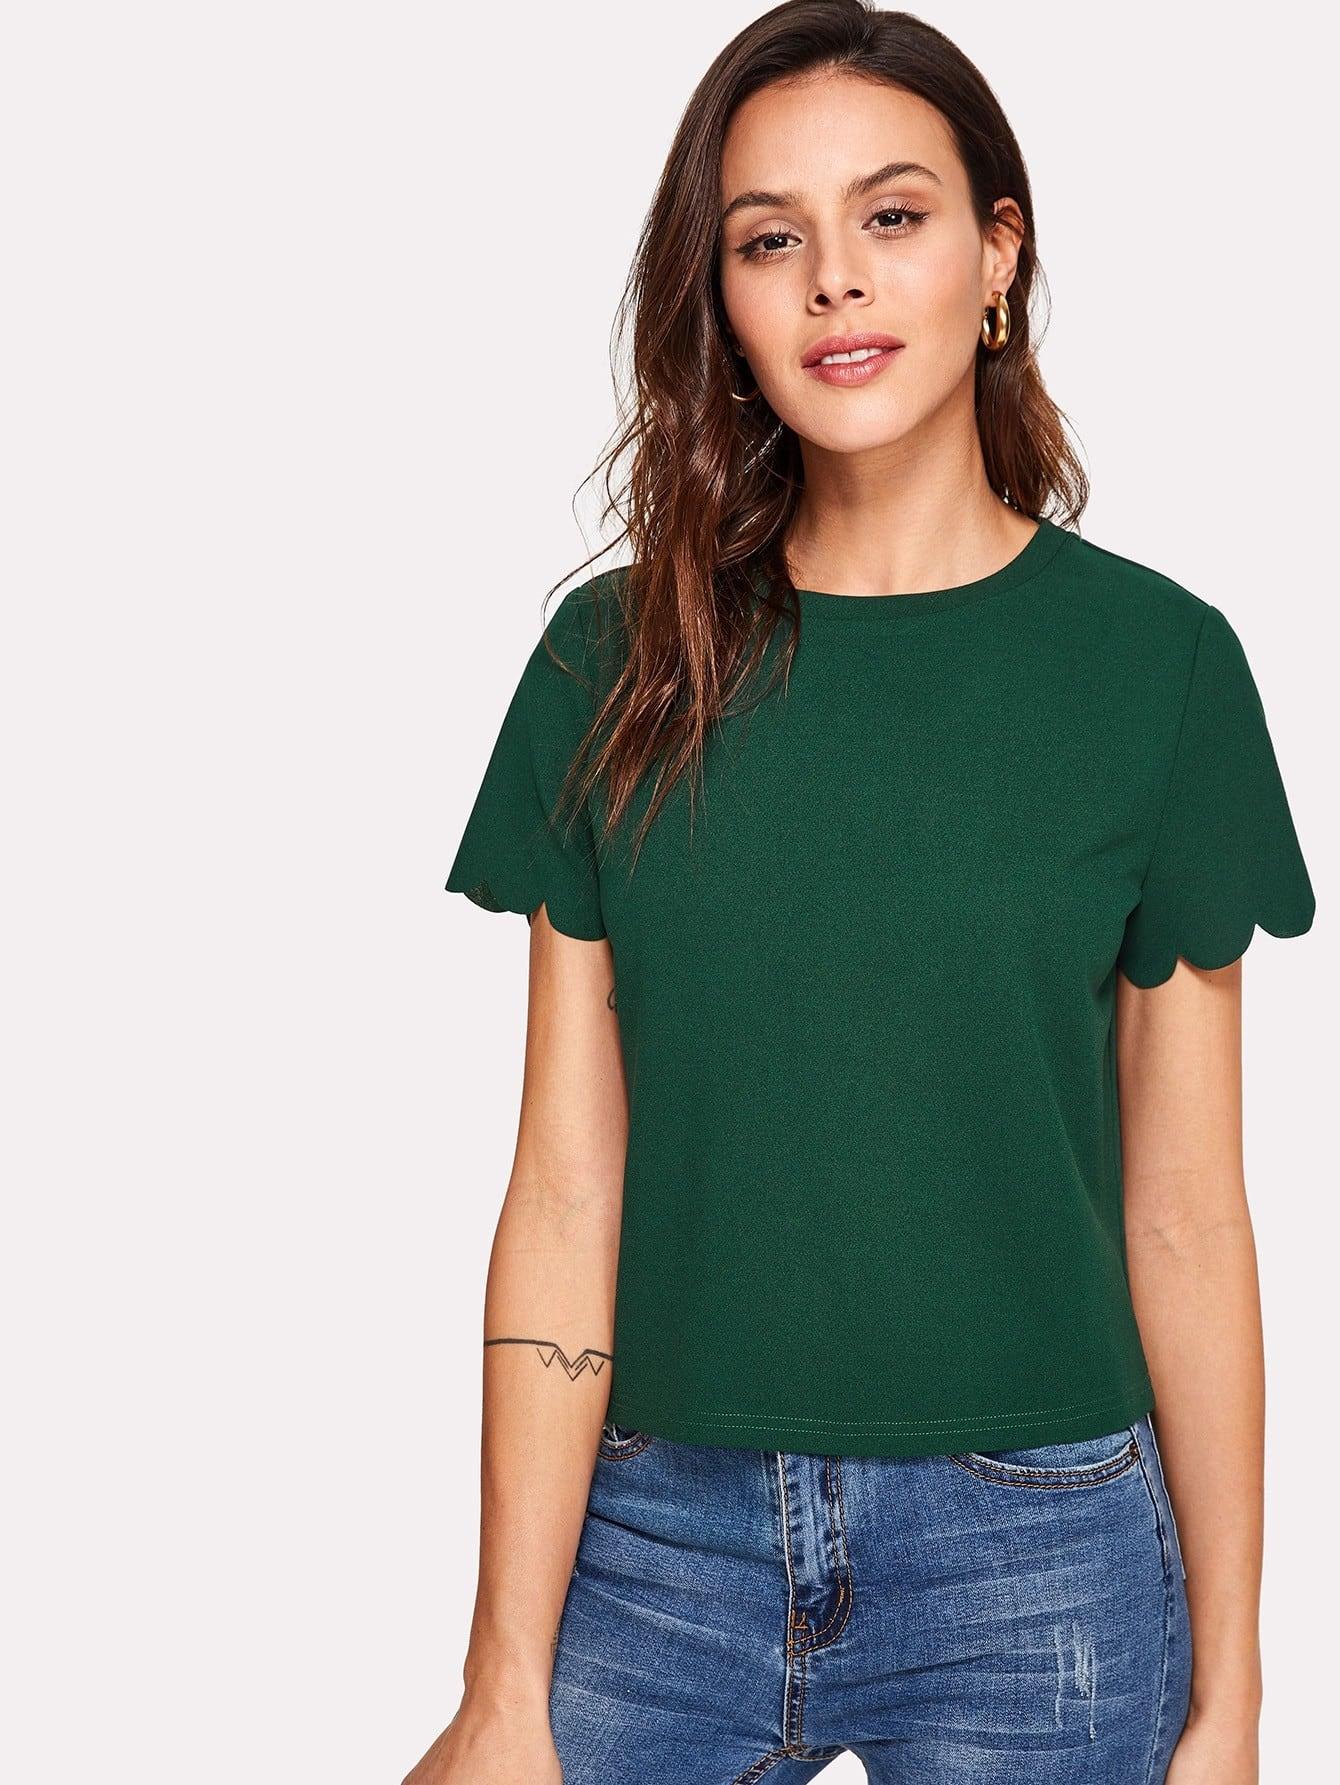 Купить Модная футболка с фестонами, Karla, SheIn